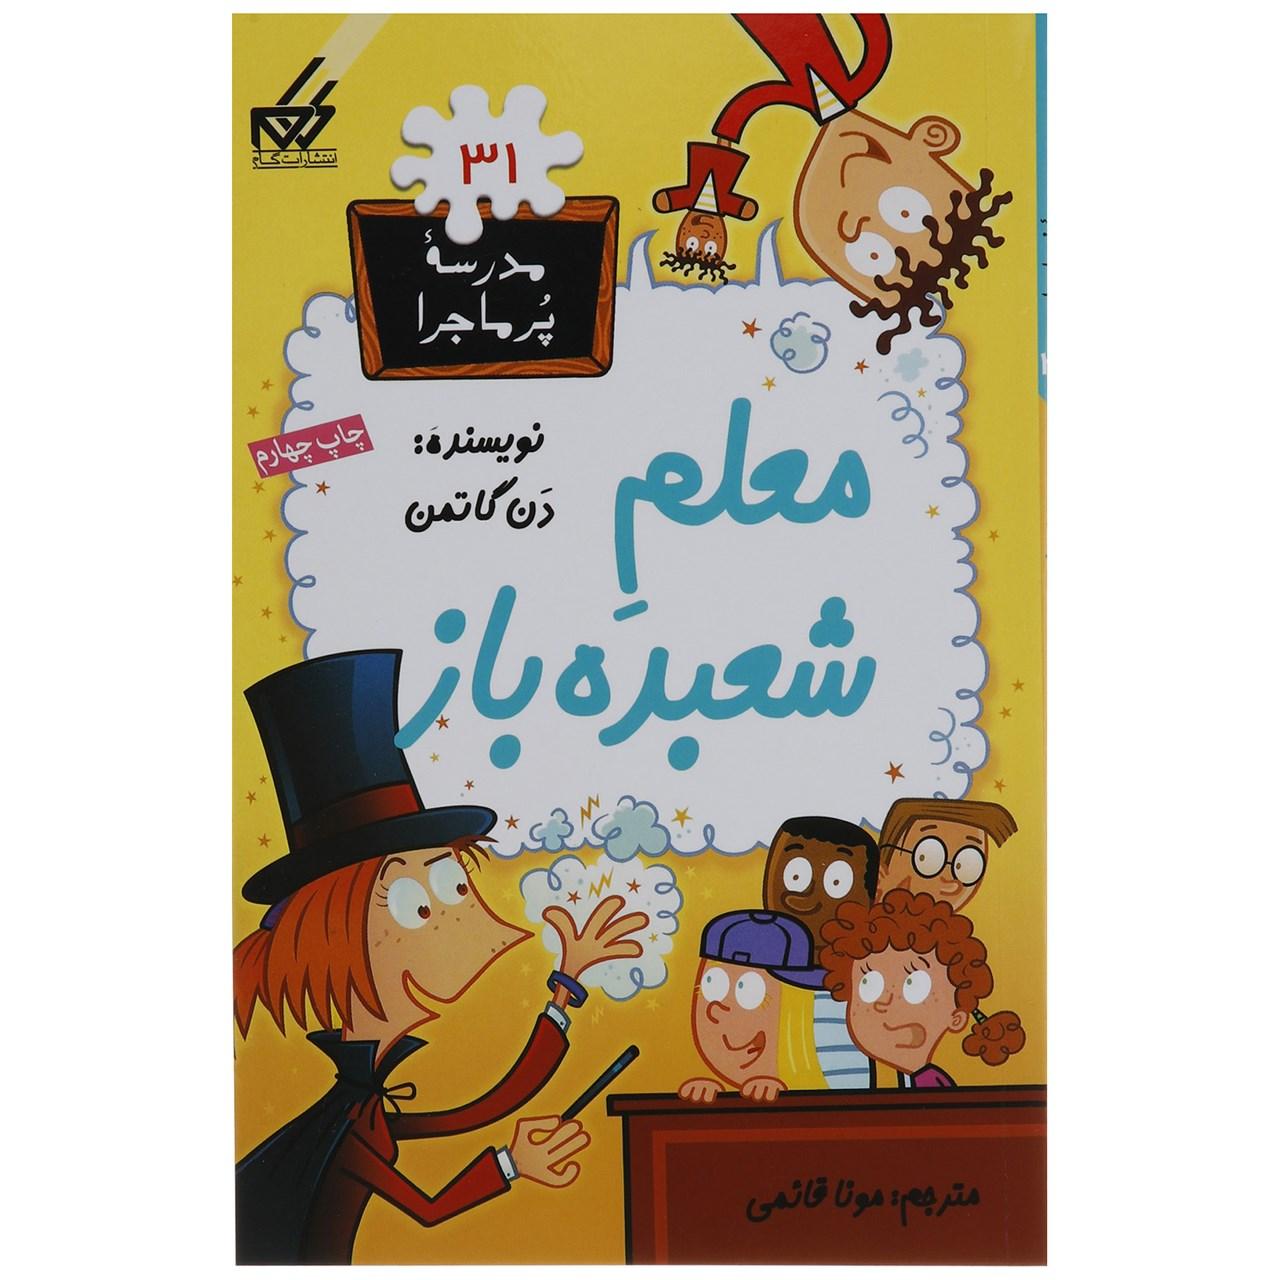 کتاب مدرسه پر ماجرا 31 معلم شعبده باز اثر دن گاتمن